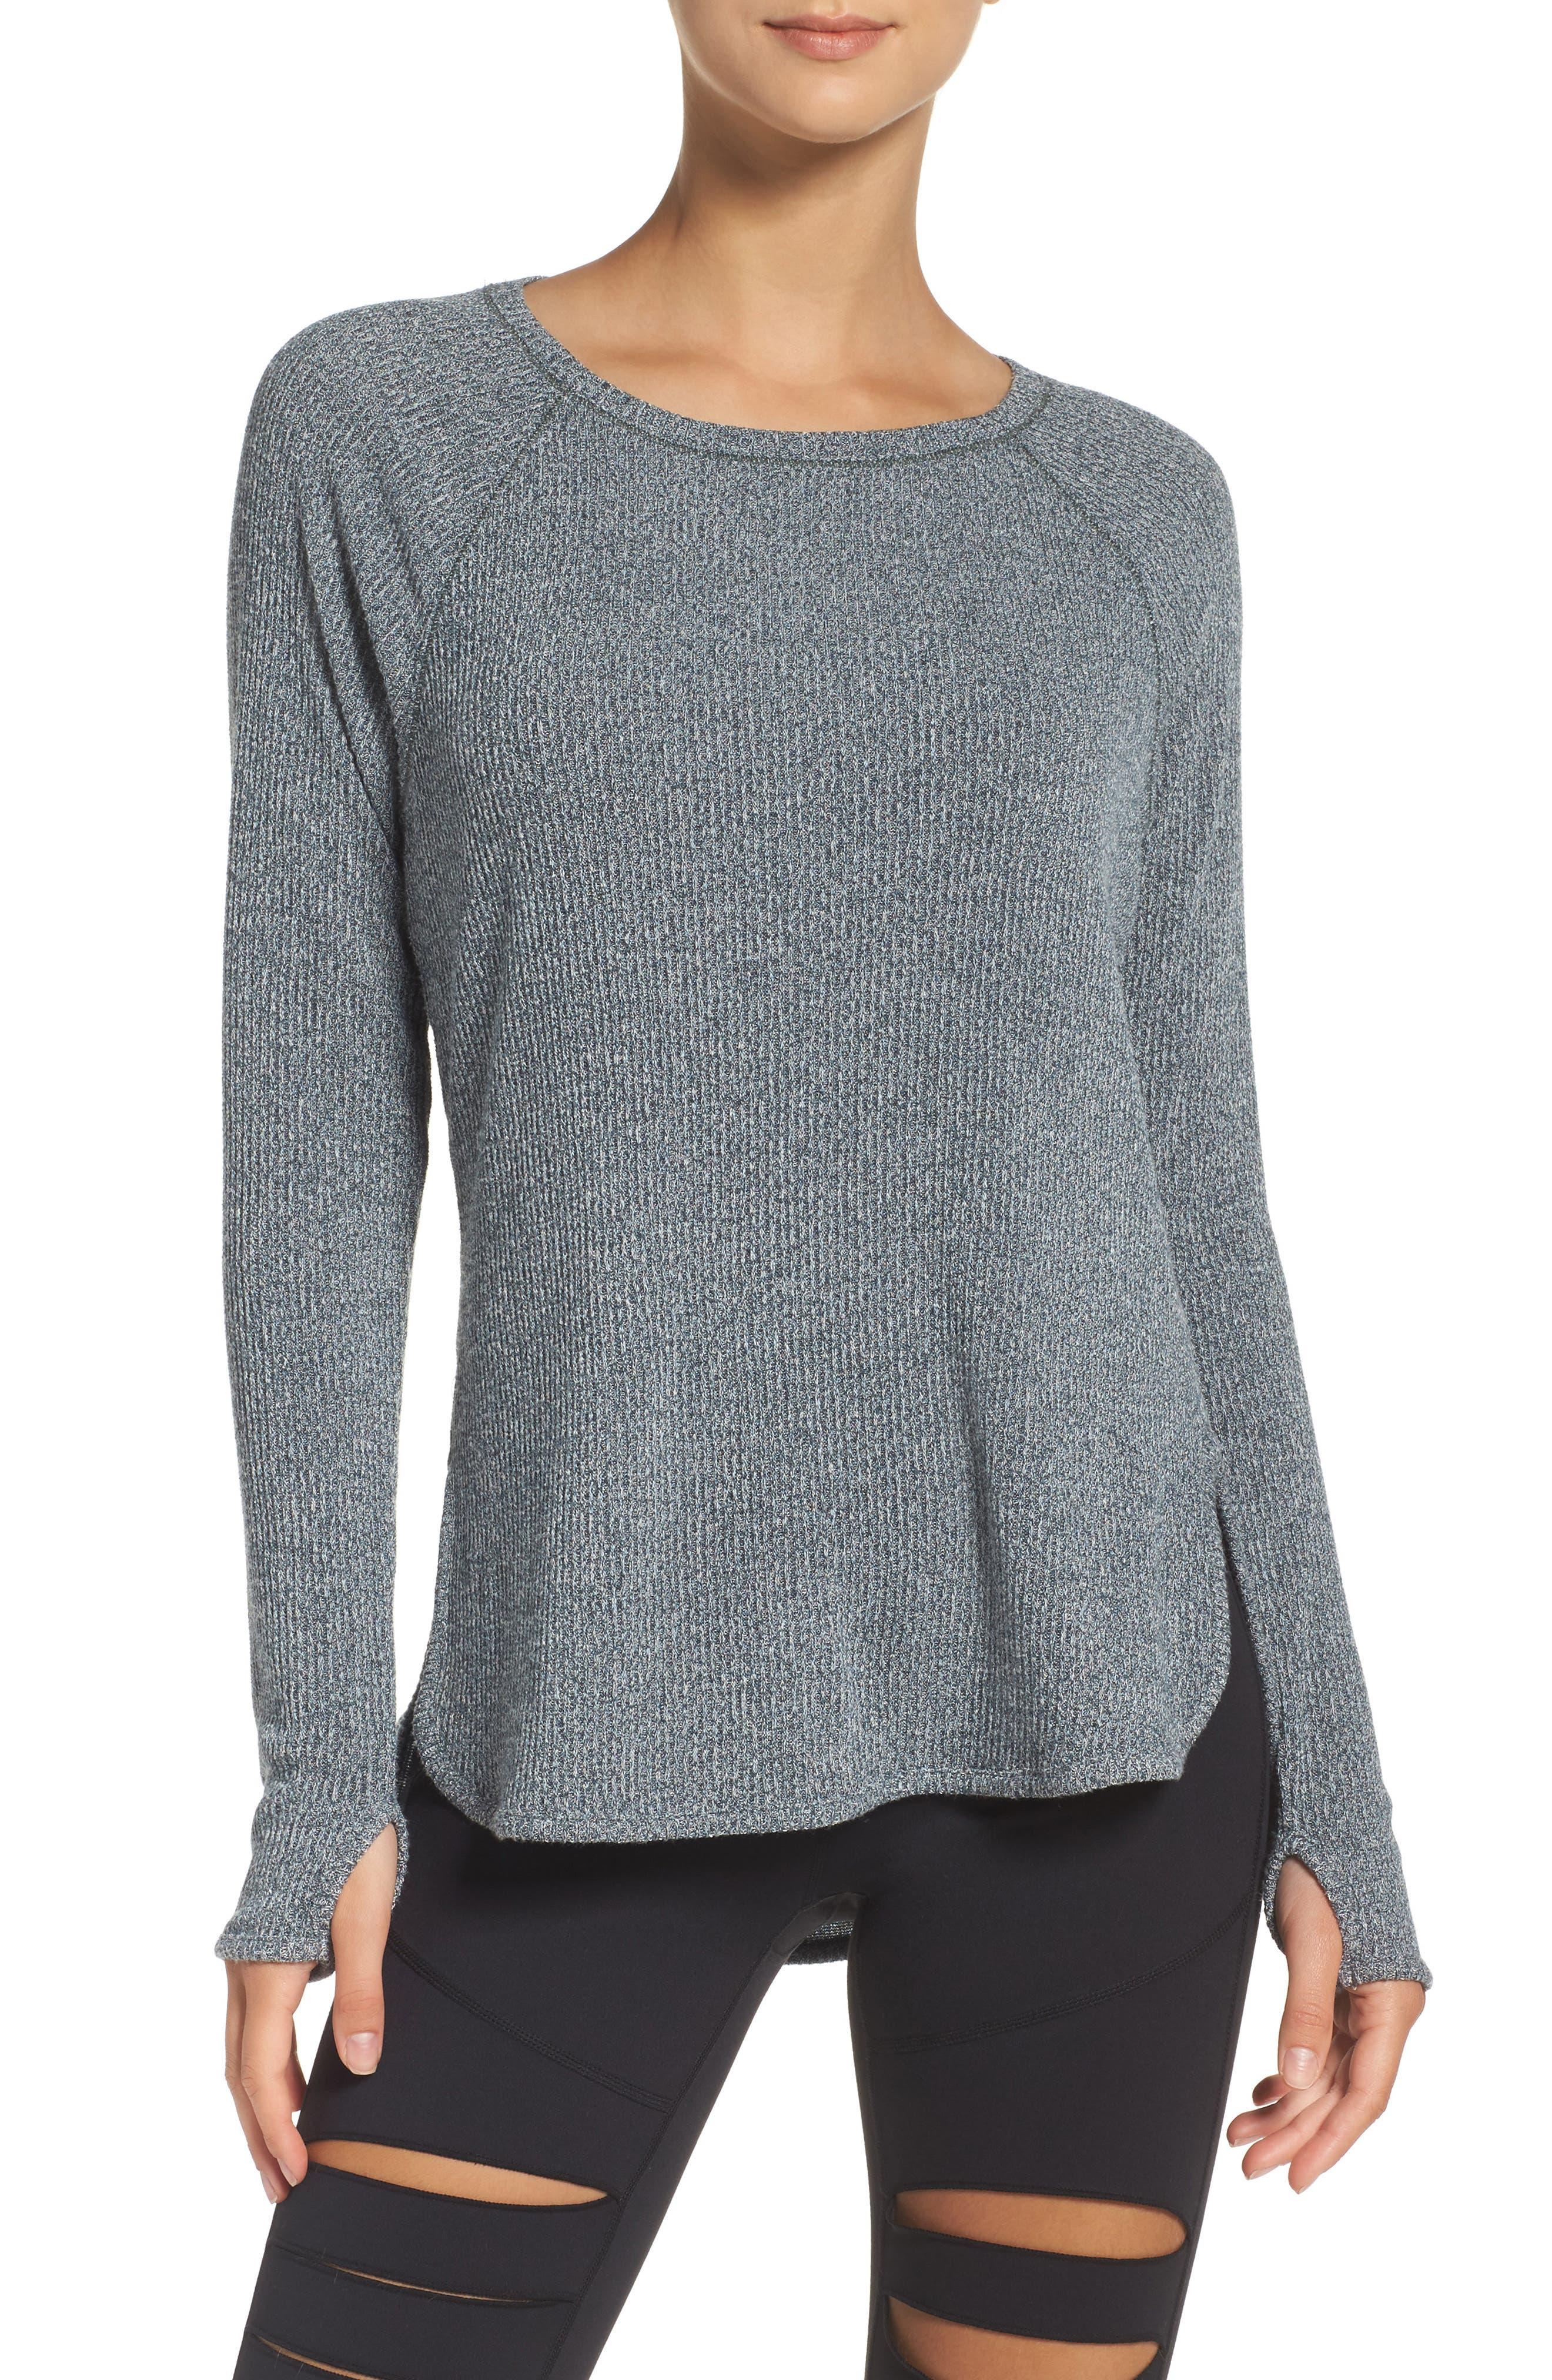 Zella Don't Sweat It Sweater